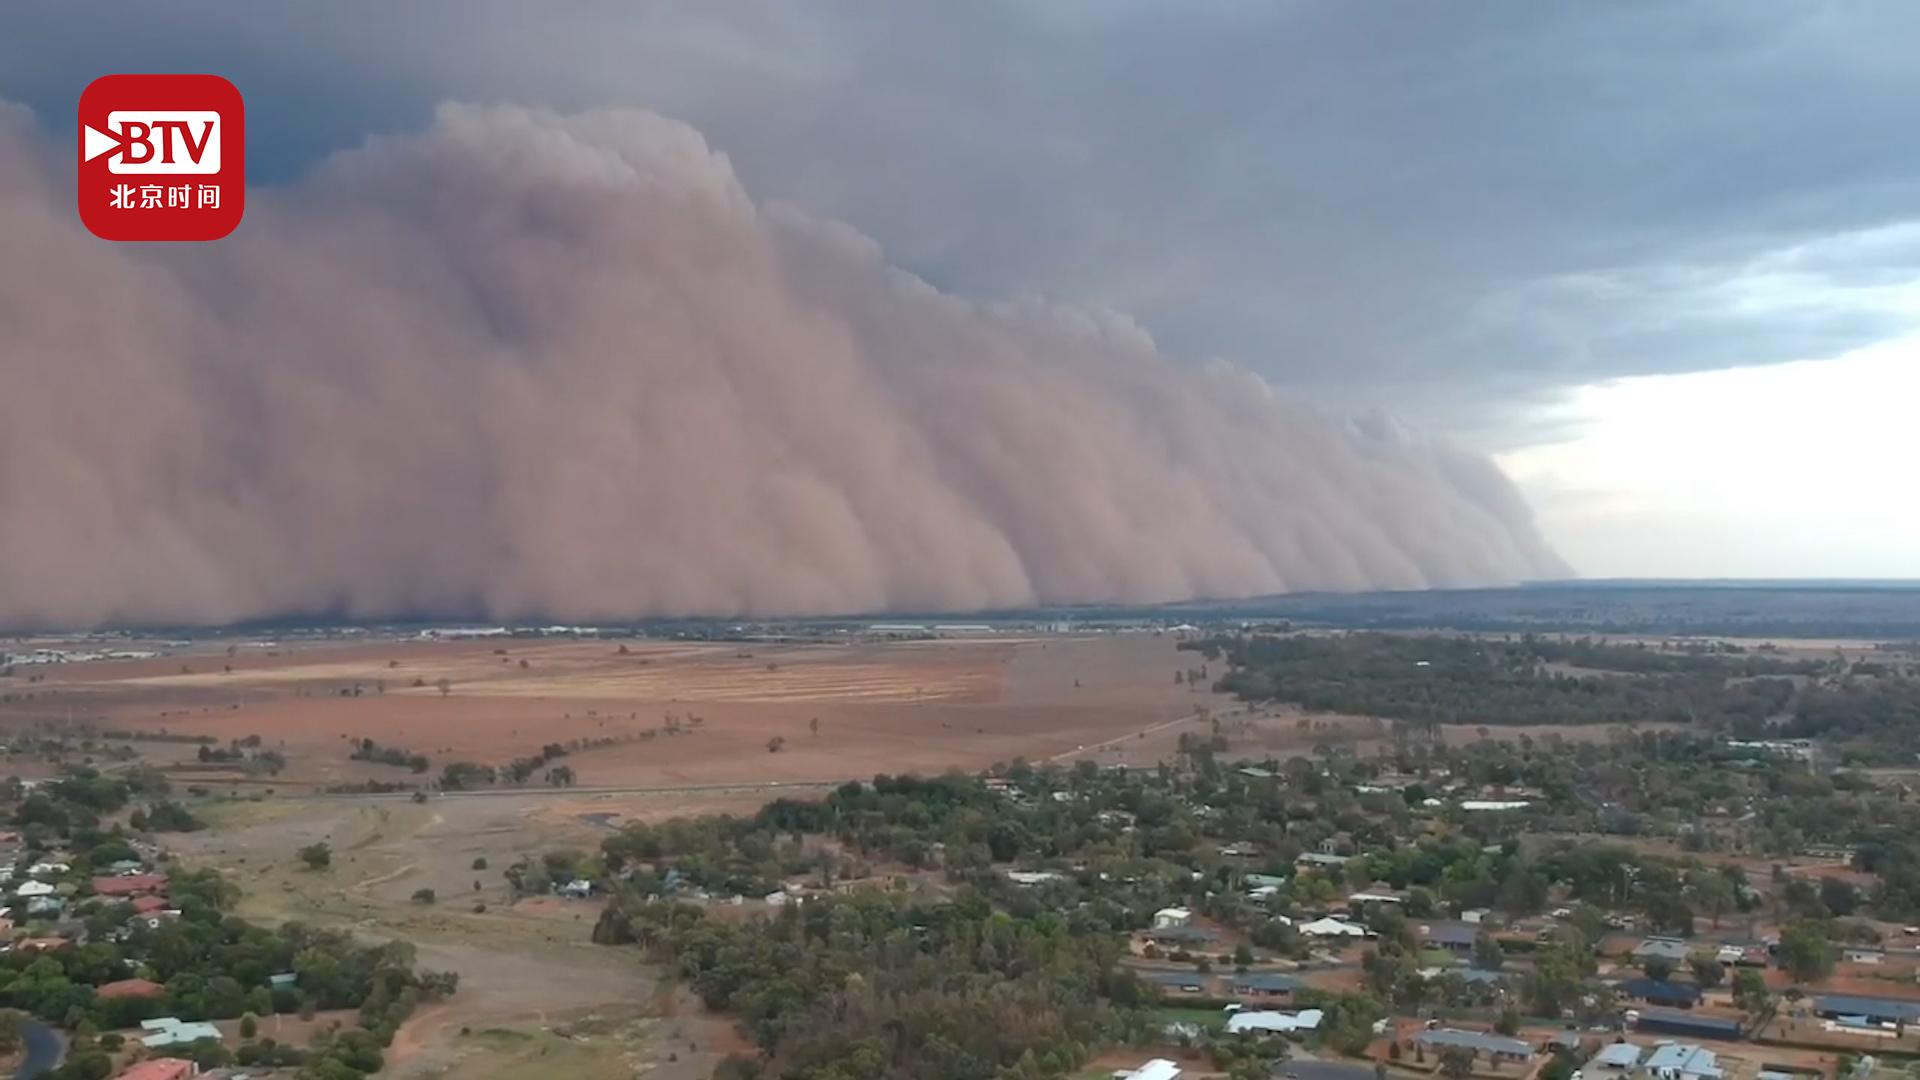 澳大利亚多地遭遇沙尘暴 遮天蔽日酷似大片